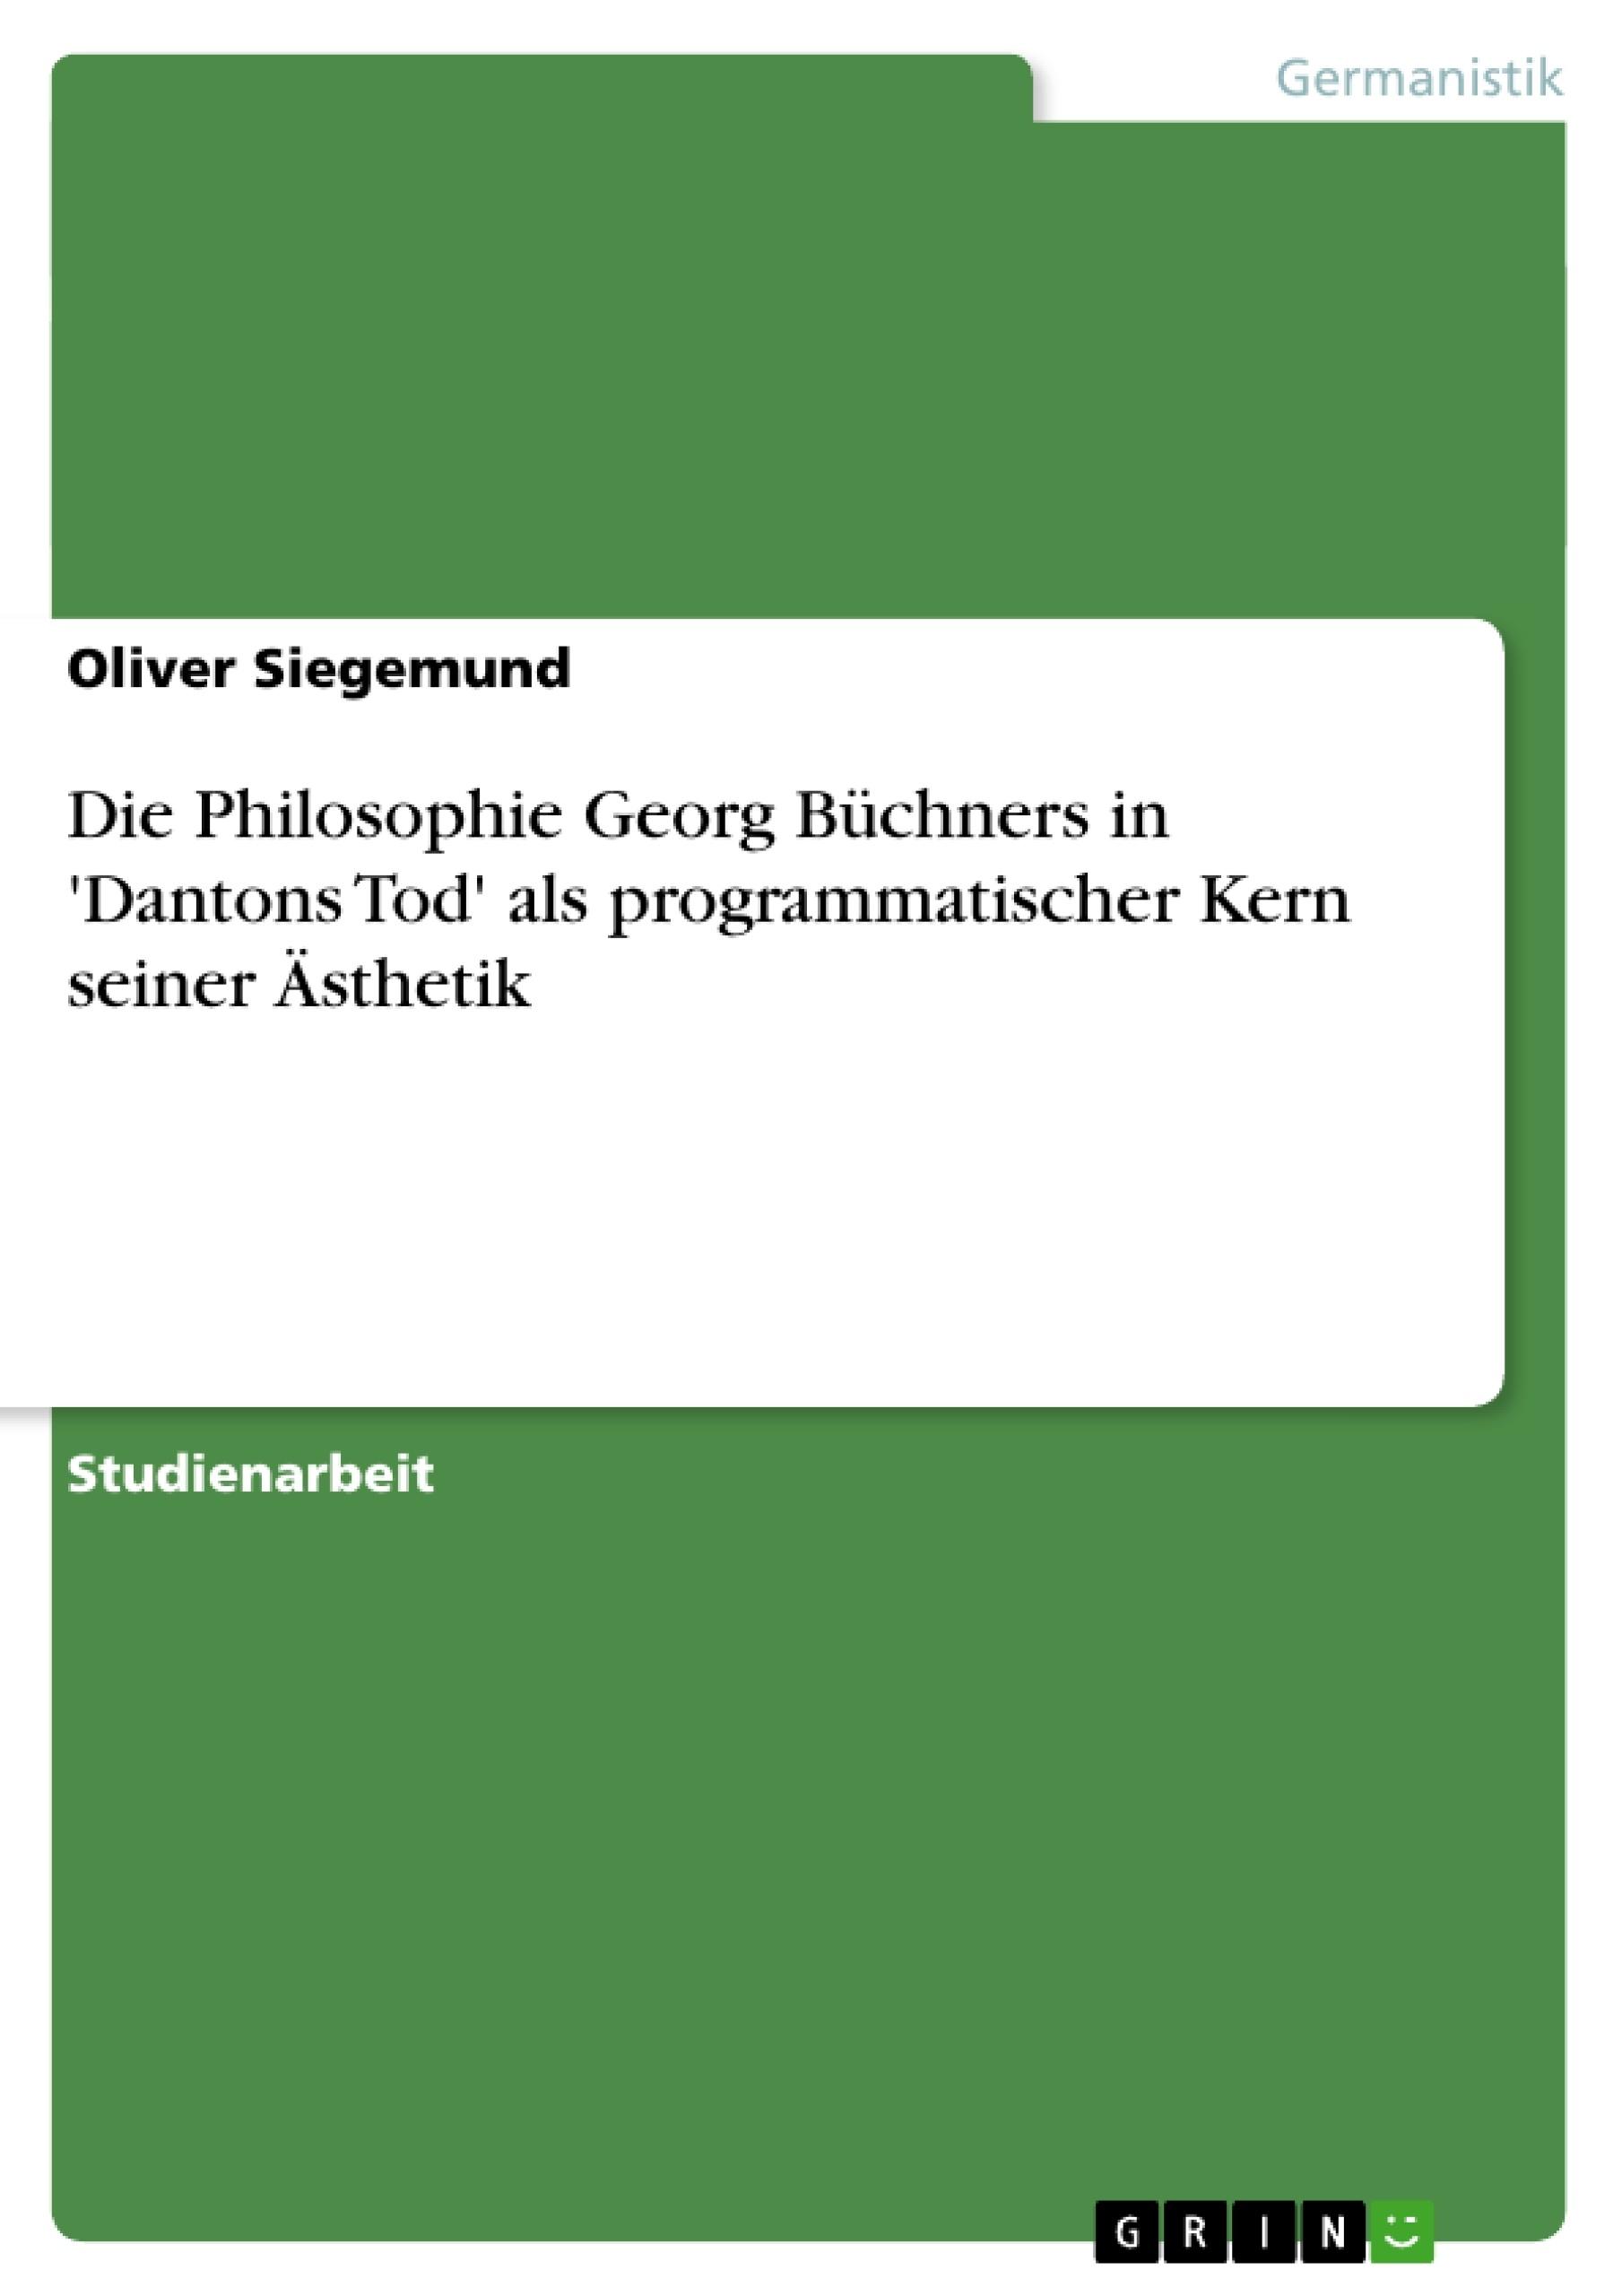 Titel: Die Philosophie Georg Büchners in 'Dantons Tod' als programmatischer Kern seiner Ästhetik